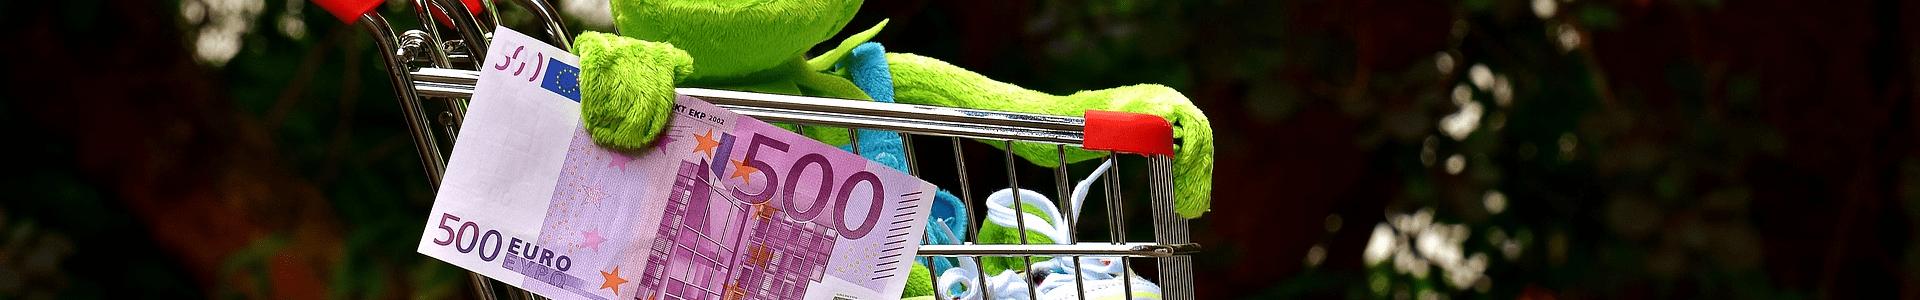 Gutschein-Aktion, 500 Euro, HR-Coach-Dialog